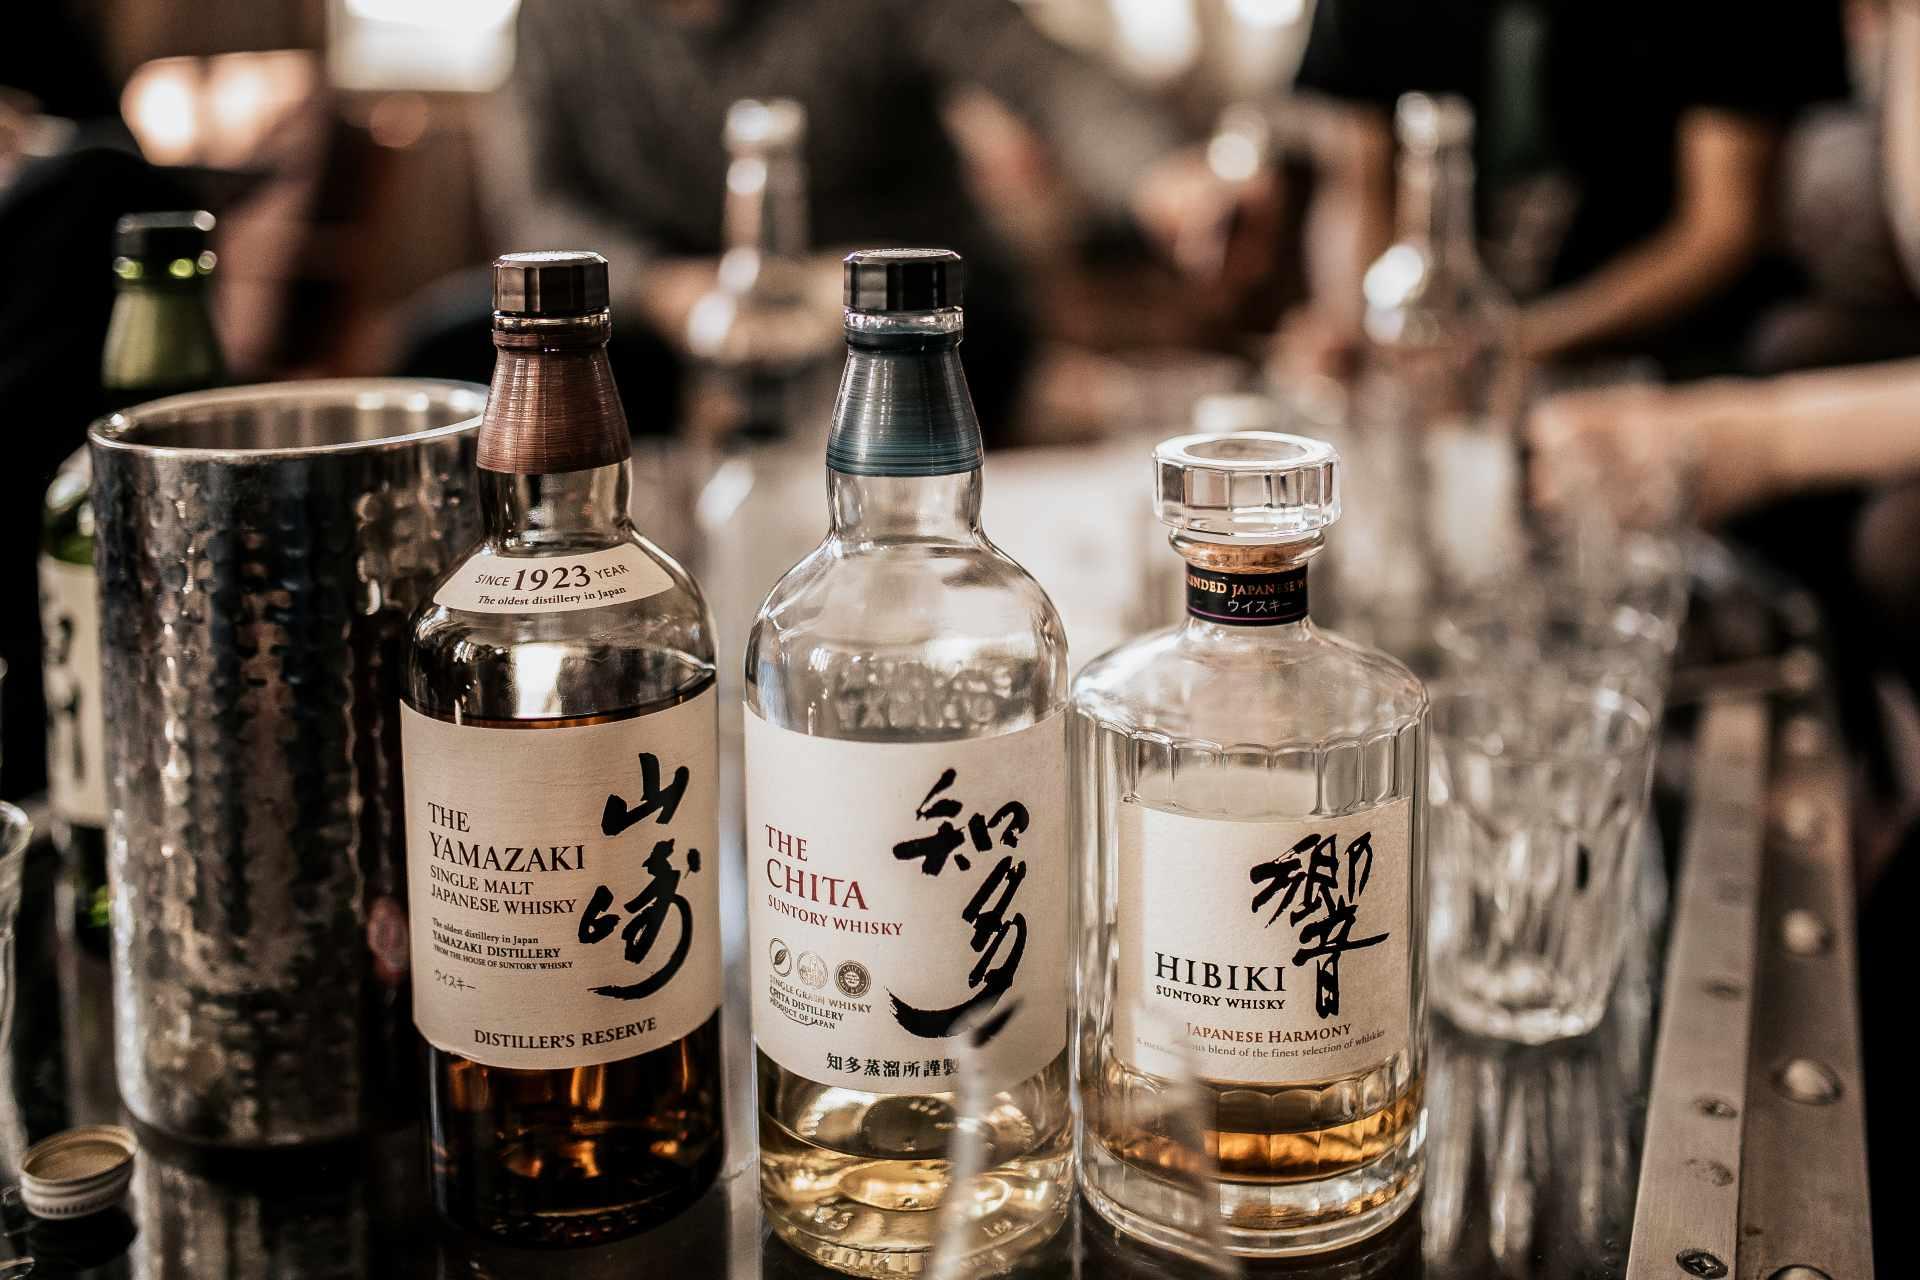 抵飲日本威士忌推介